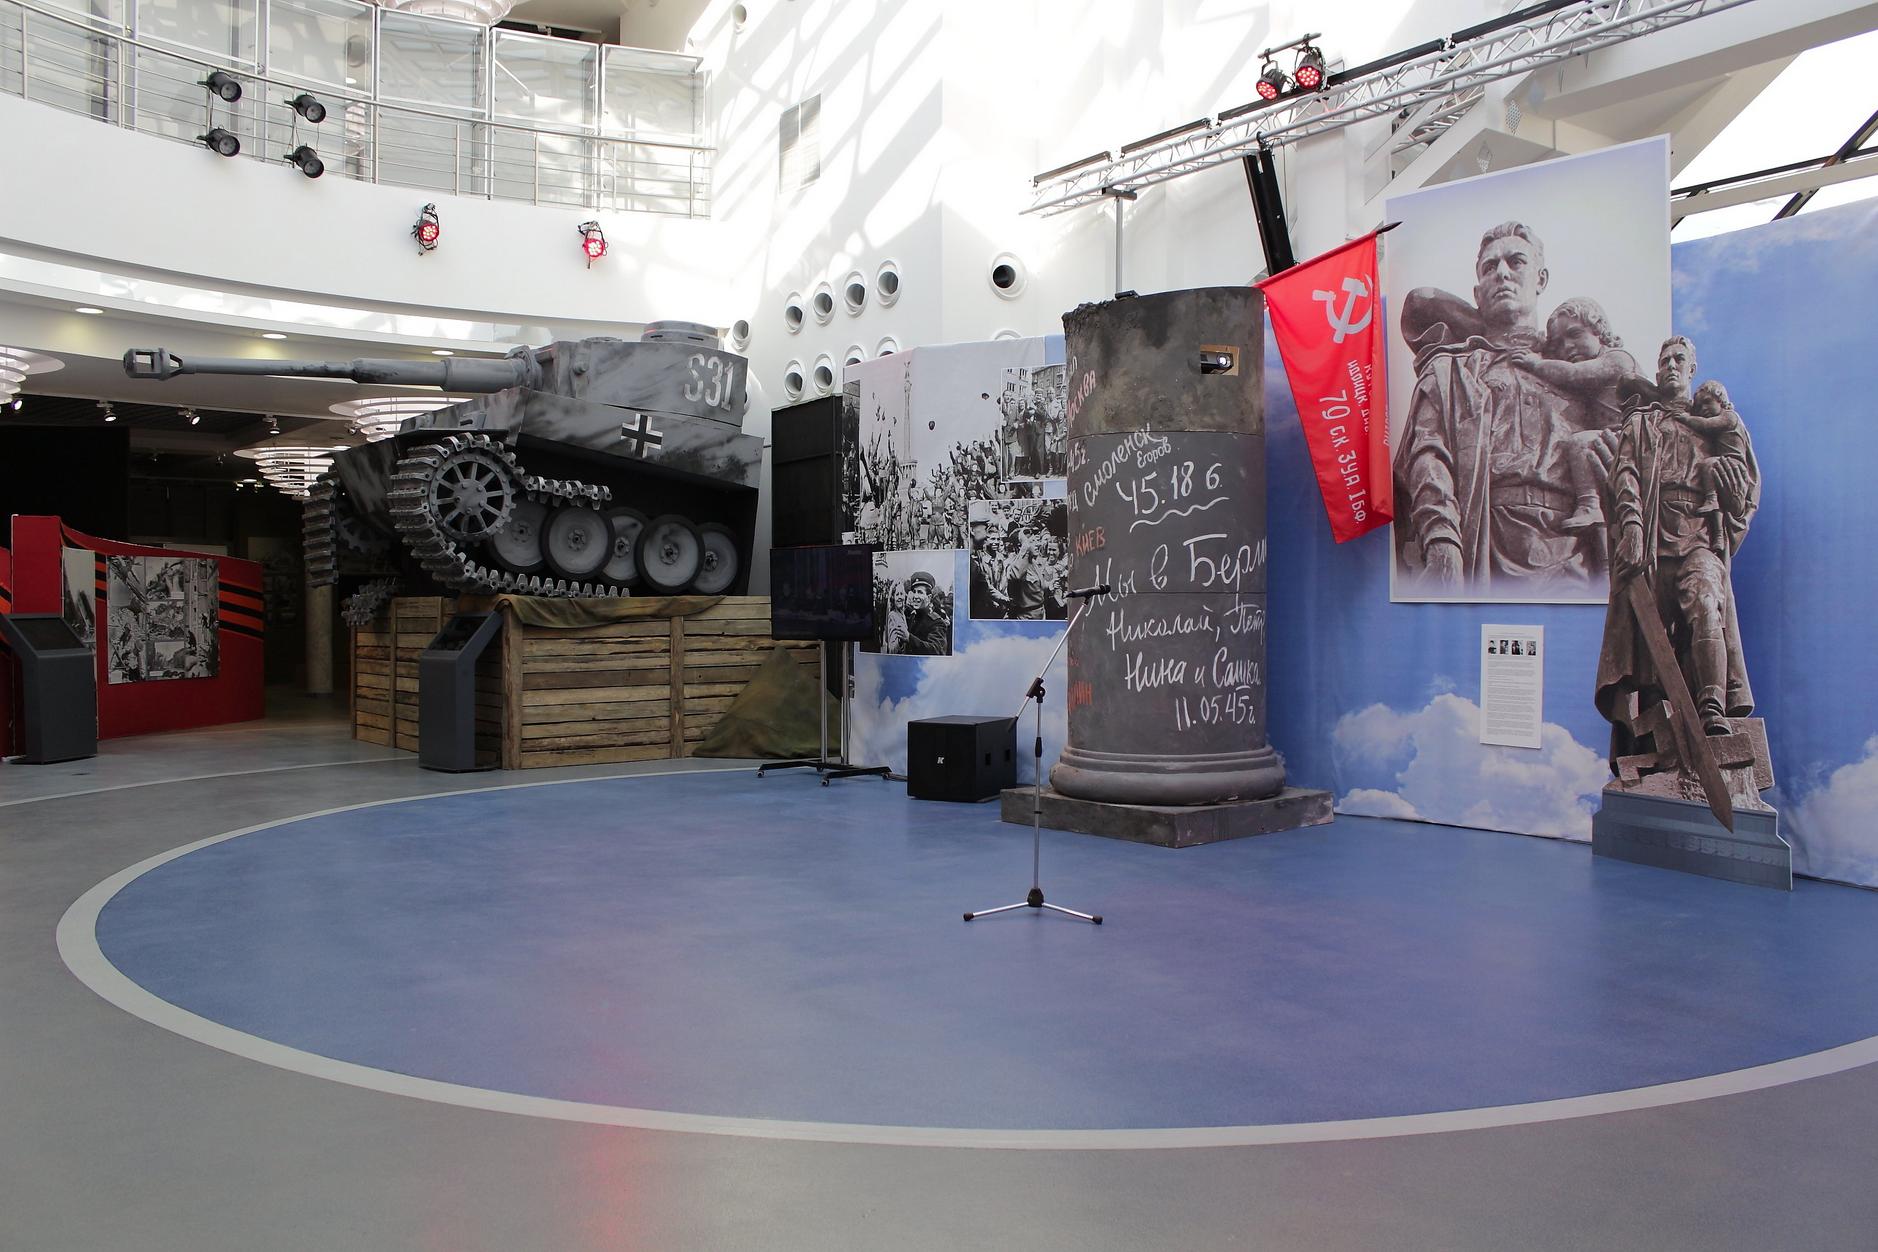 ООН подвергла цензуре выставку «Помни... Мир спас советский солдат!»